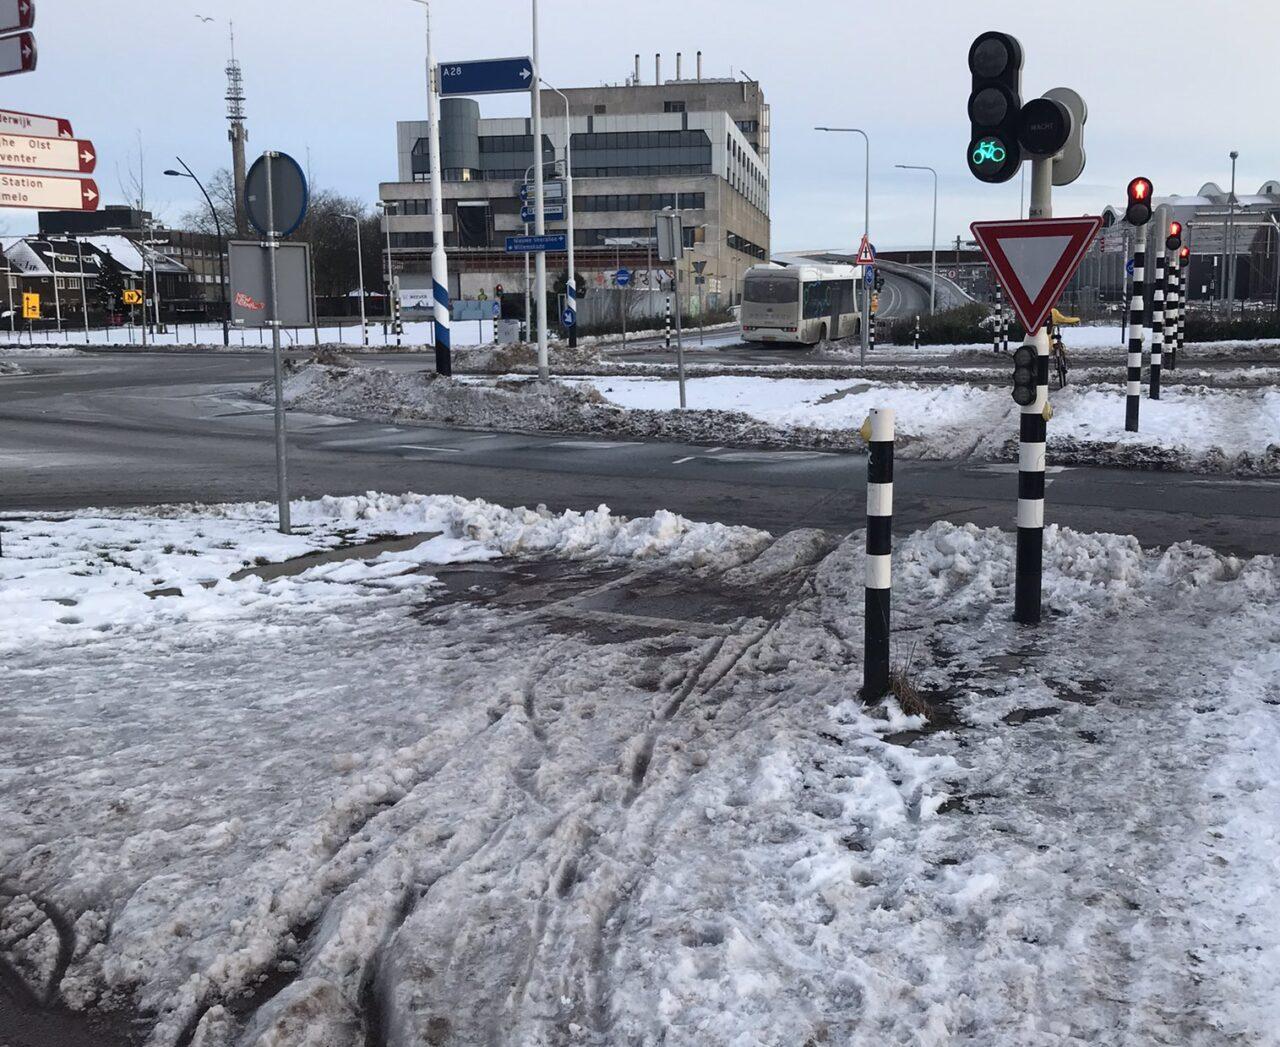 Onbegaanbaar fietspad vol aangekoekte sneeuw in Zwolle